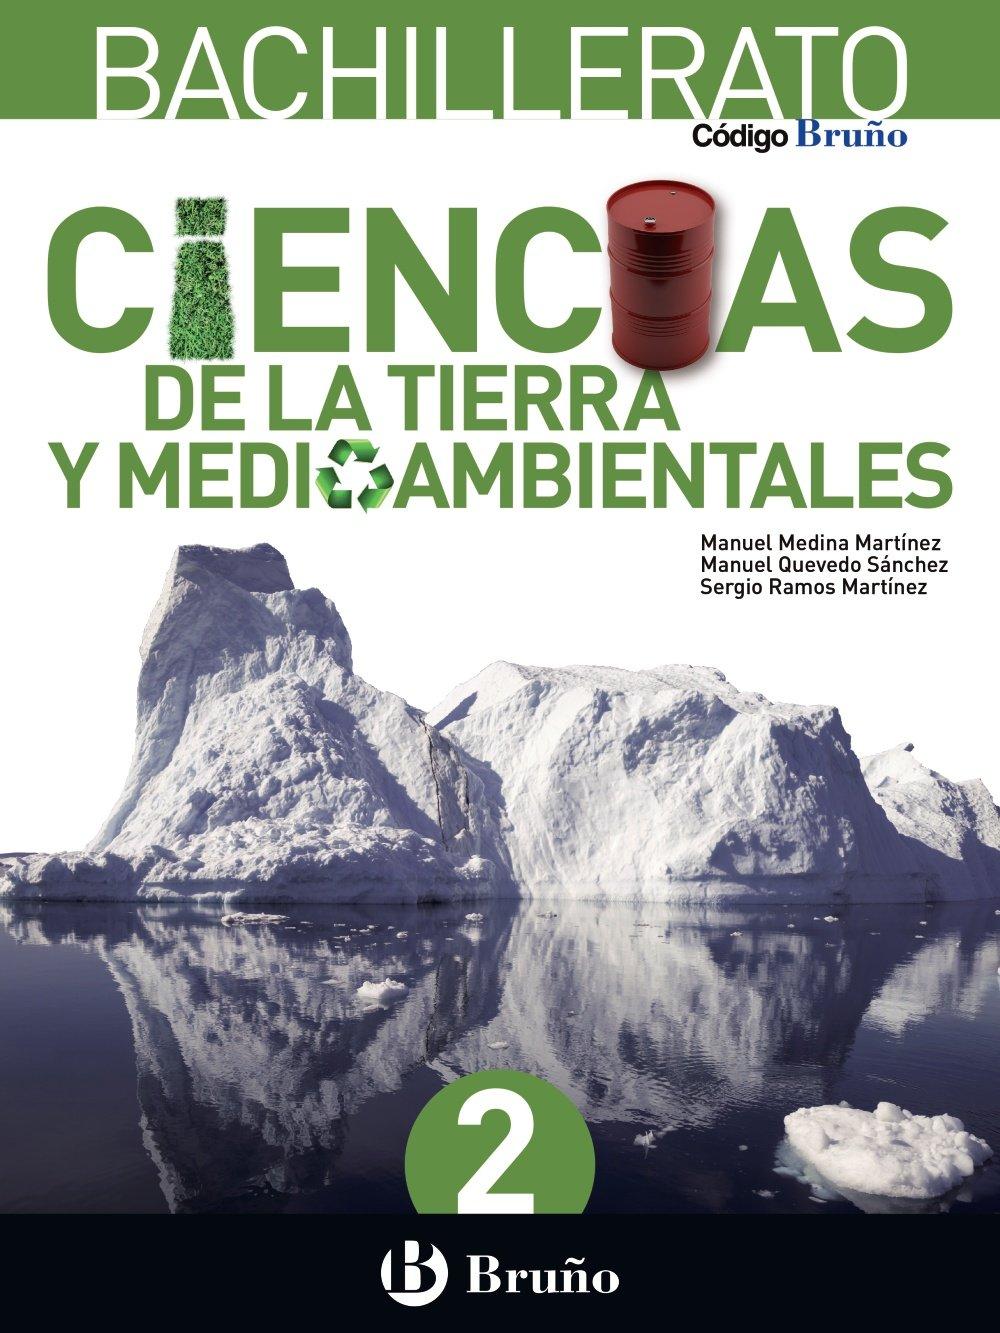 Código Bruño Ciencias de la Tierra y Medioambientales 2 Bachillerato - 9788469611715: Amazon.es: Medina Martínez, Manuel, Quevedo Sánchez, Manuel, Ramos Martínez, Sergio: Libros